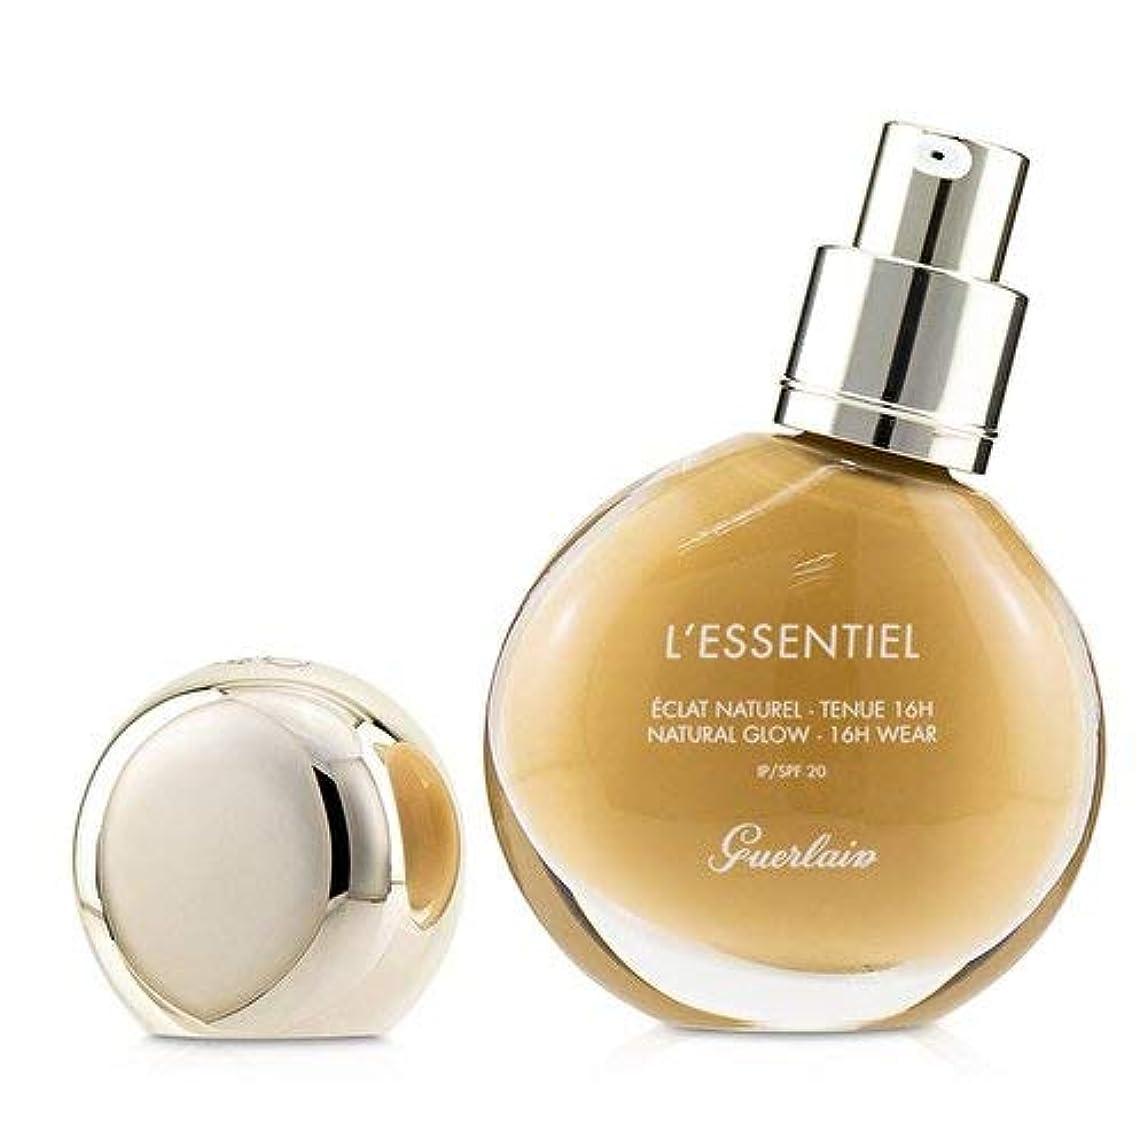 湾発掘くそーゲラン L'Essentiel Natural Glow Foundation 16H Wear SPF 20 - # 045W Amber Warm 30ml/1oz並行輸入品